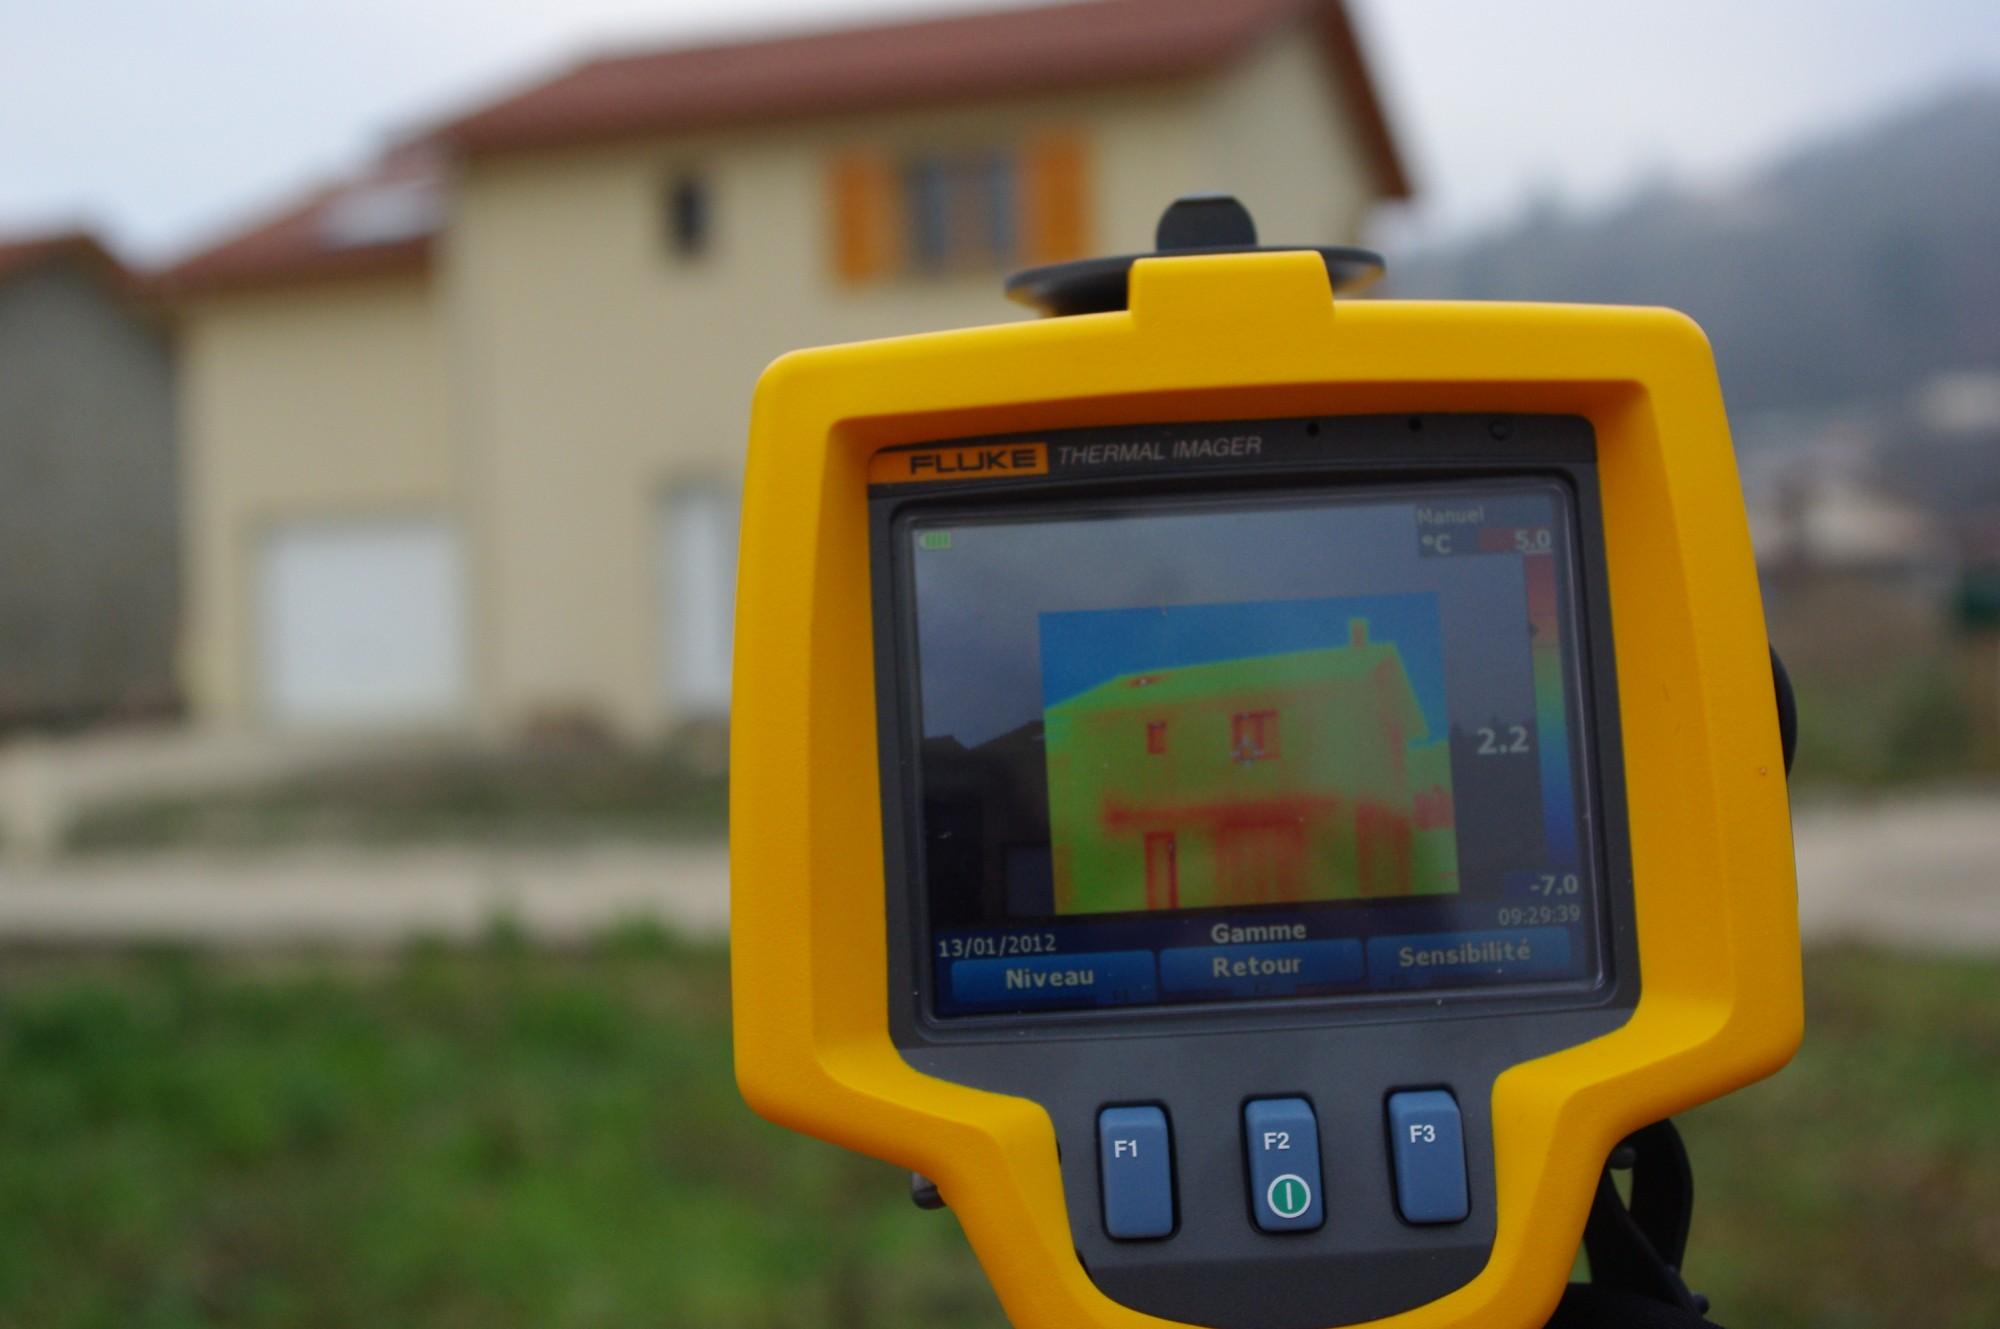 Soirée thermographique : cessez de chauffer les petits oiseaux à Saint-Alban-de-Roche